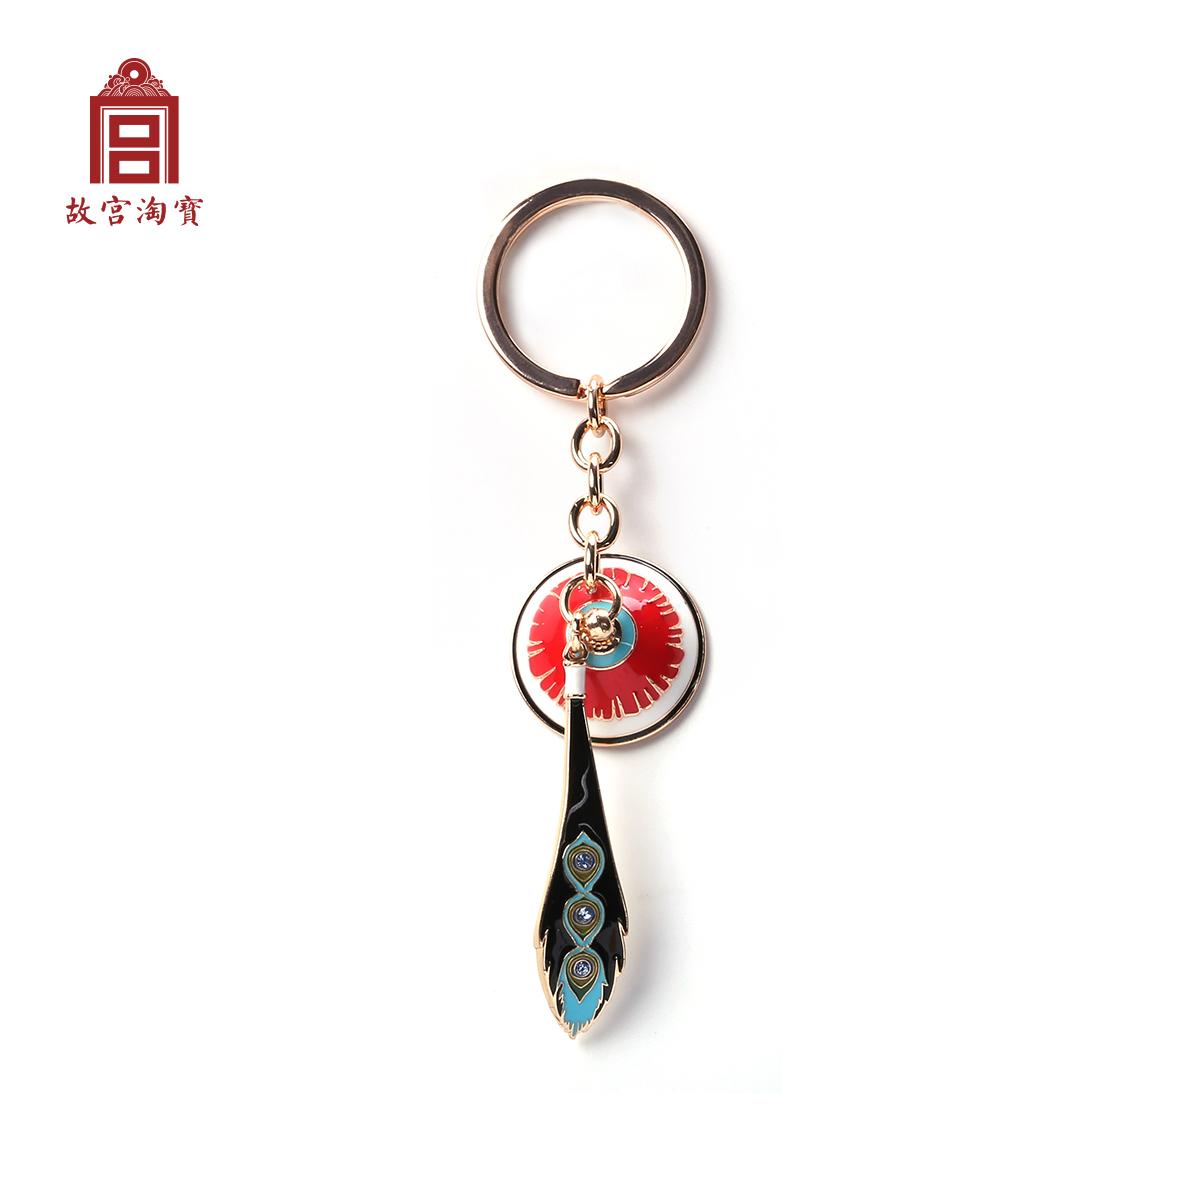 【故宫淘宝】步步高升的顶戴花翎钥匙扣/钥匙链男个性创意挂件